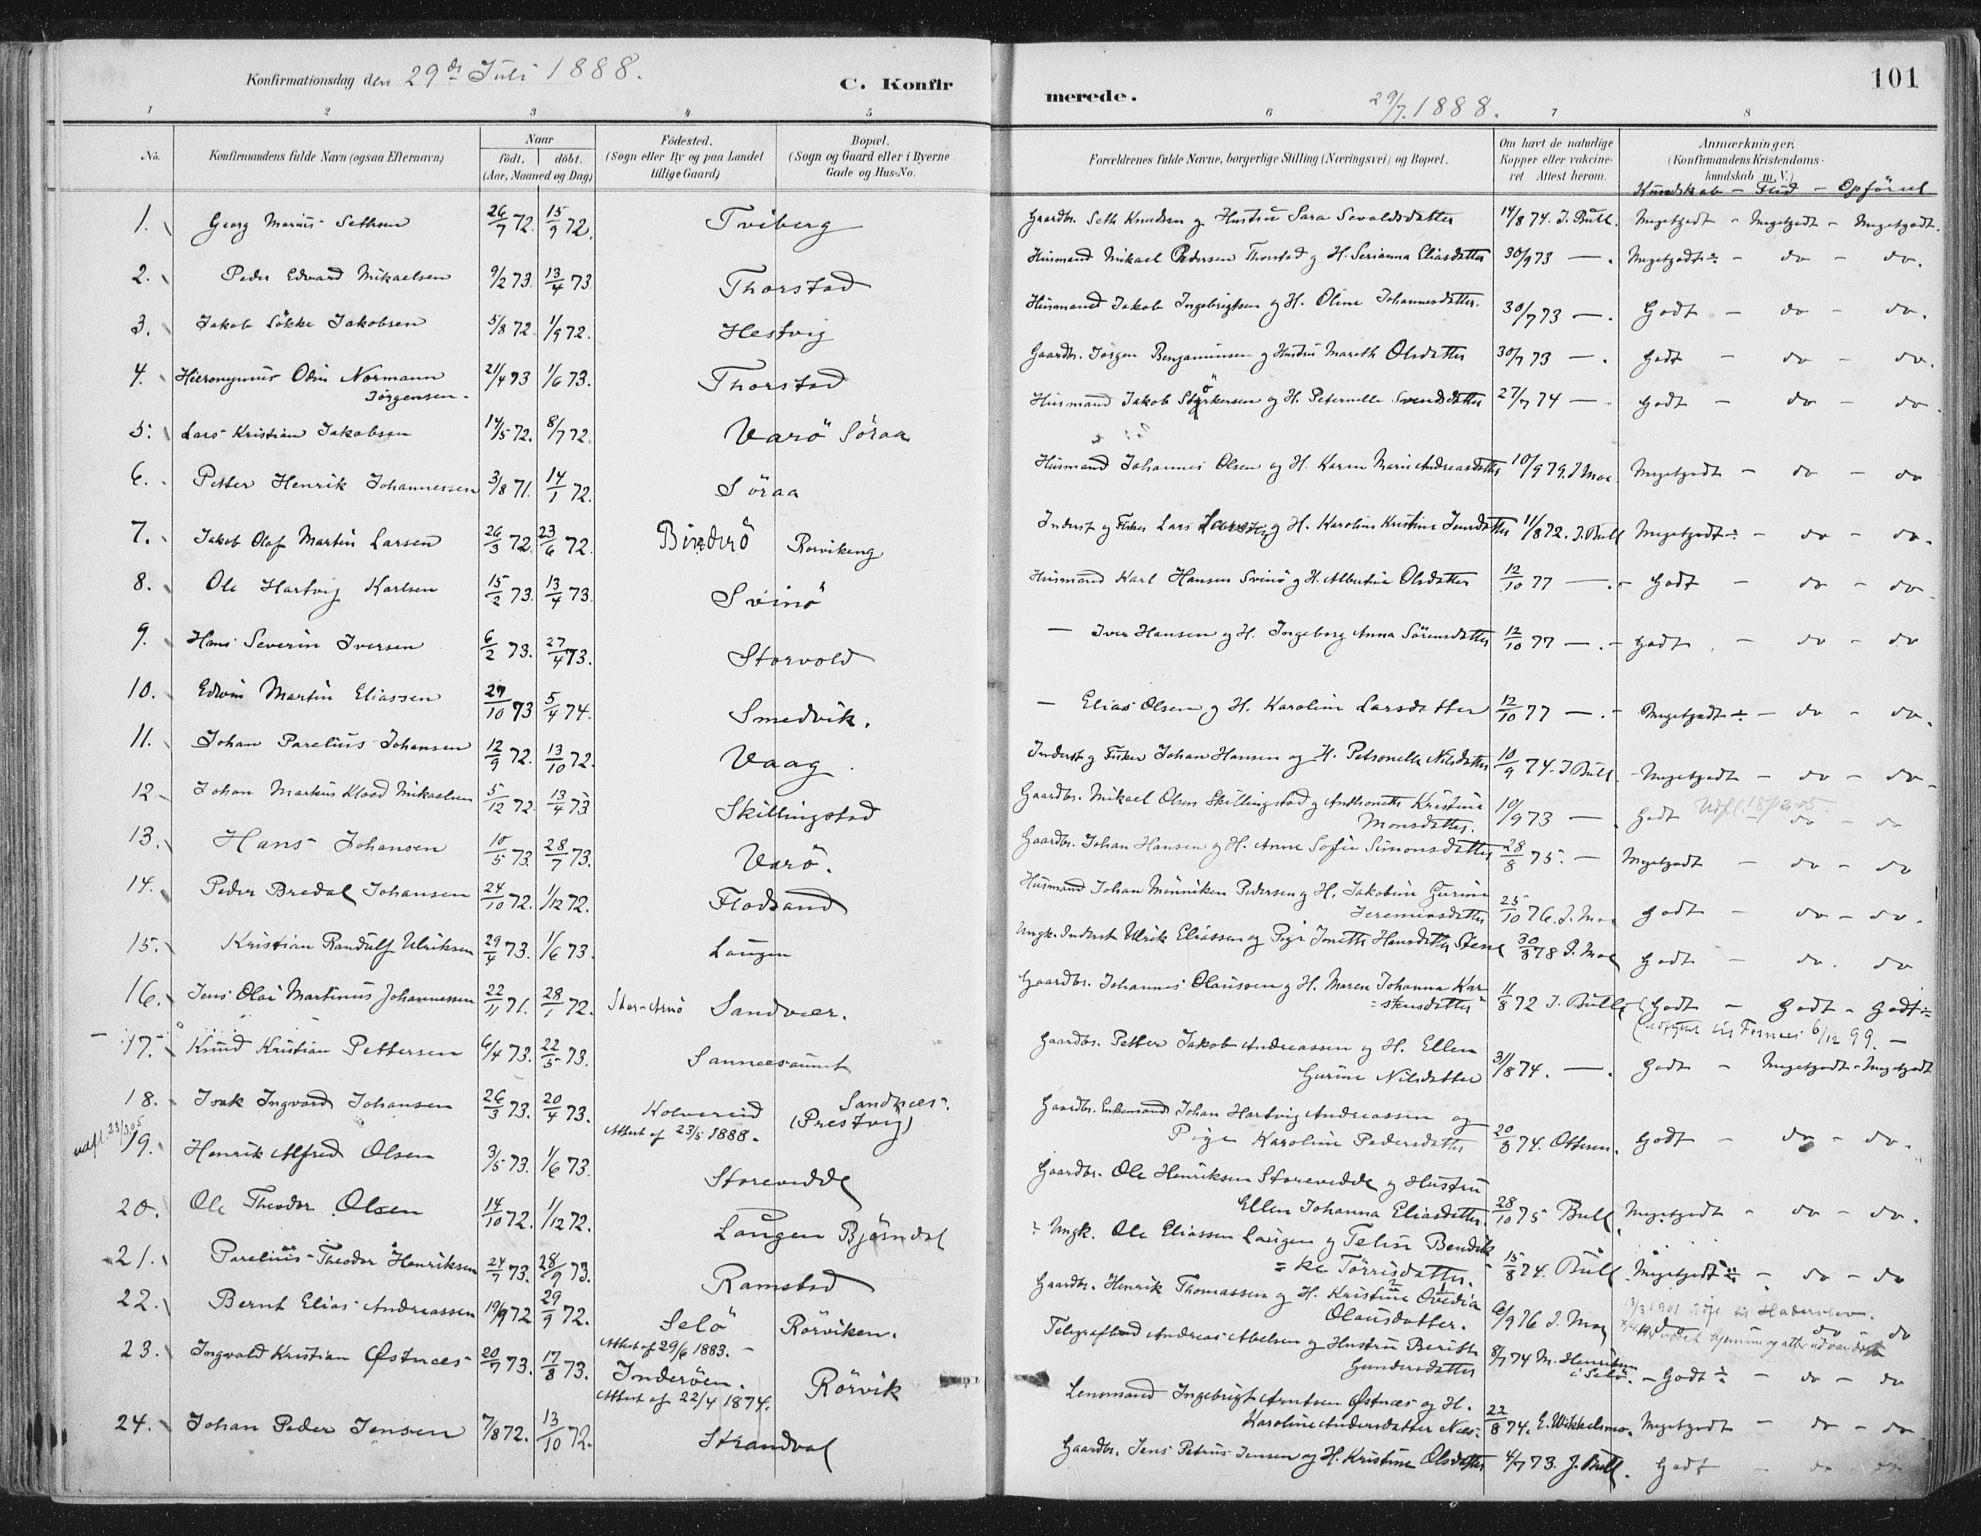 SAT, Ministerialprotokoller, klokkerbøker og fødselsregistre - Nord-Trøndelag, 784/L0673: Ministerialbok nr. 784A08, 1888-1899, s. 101